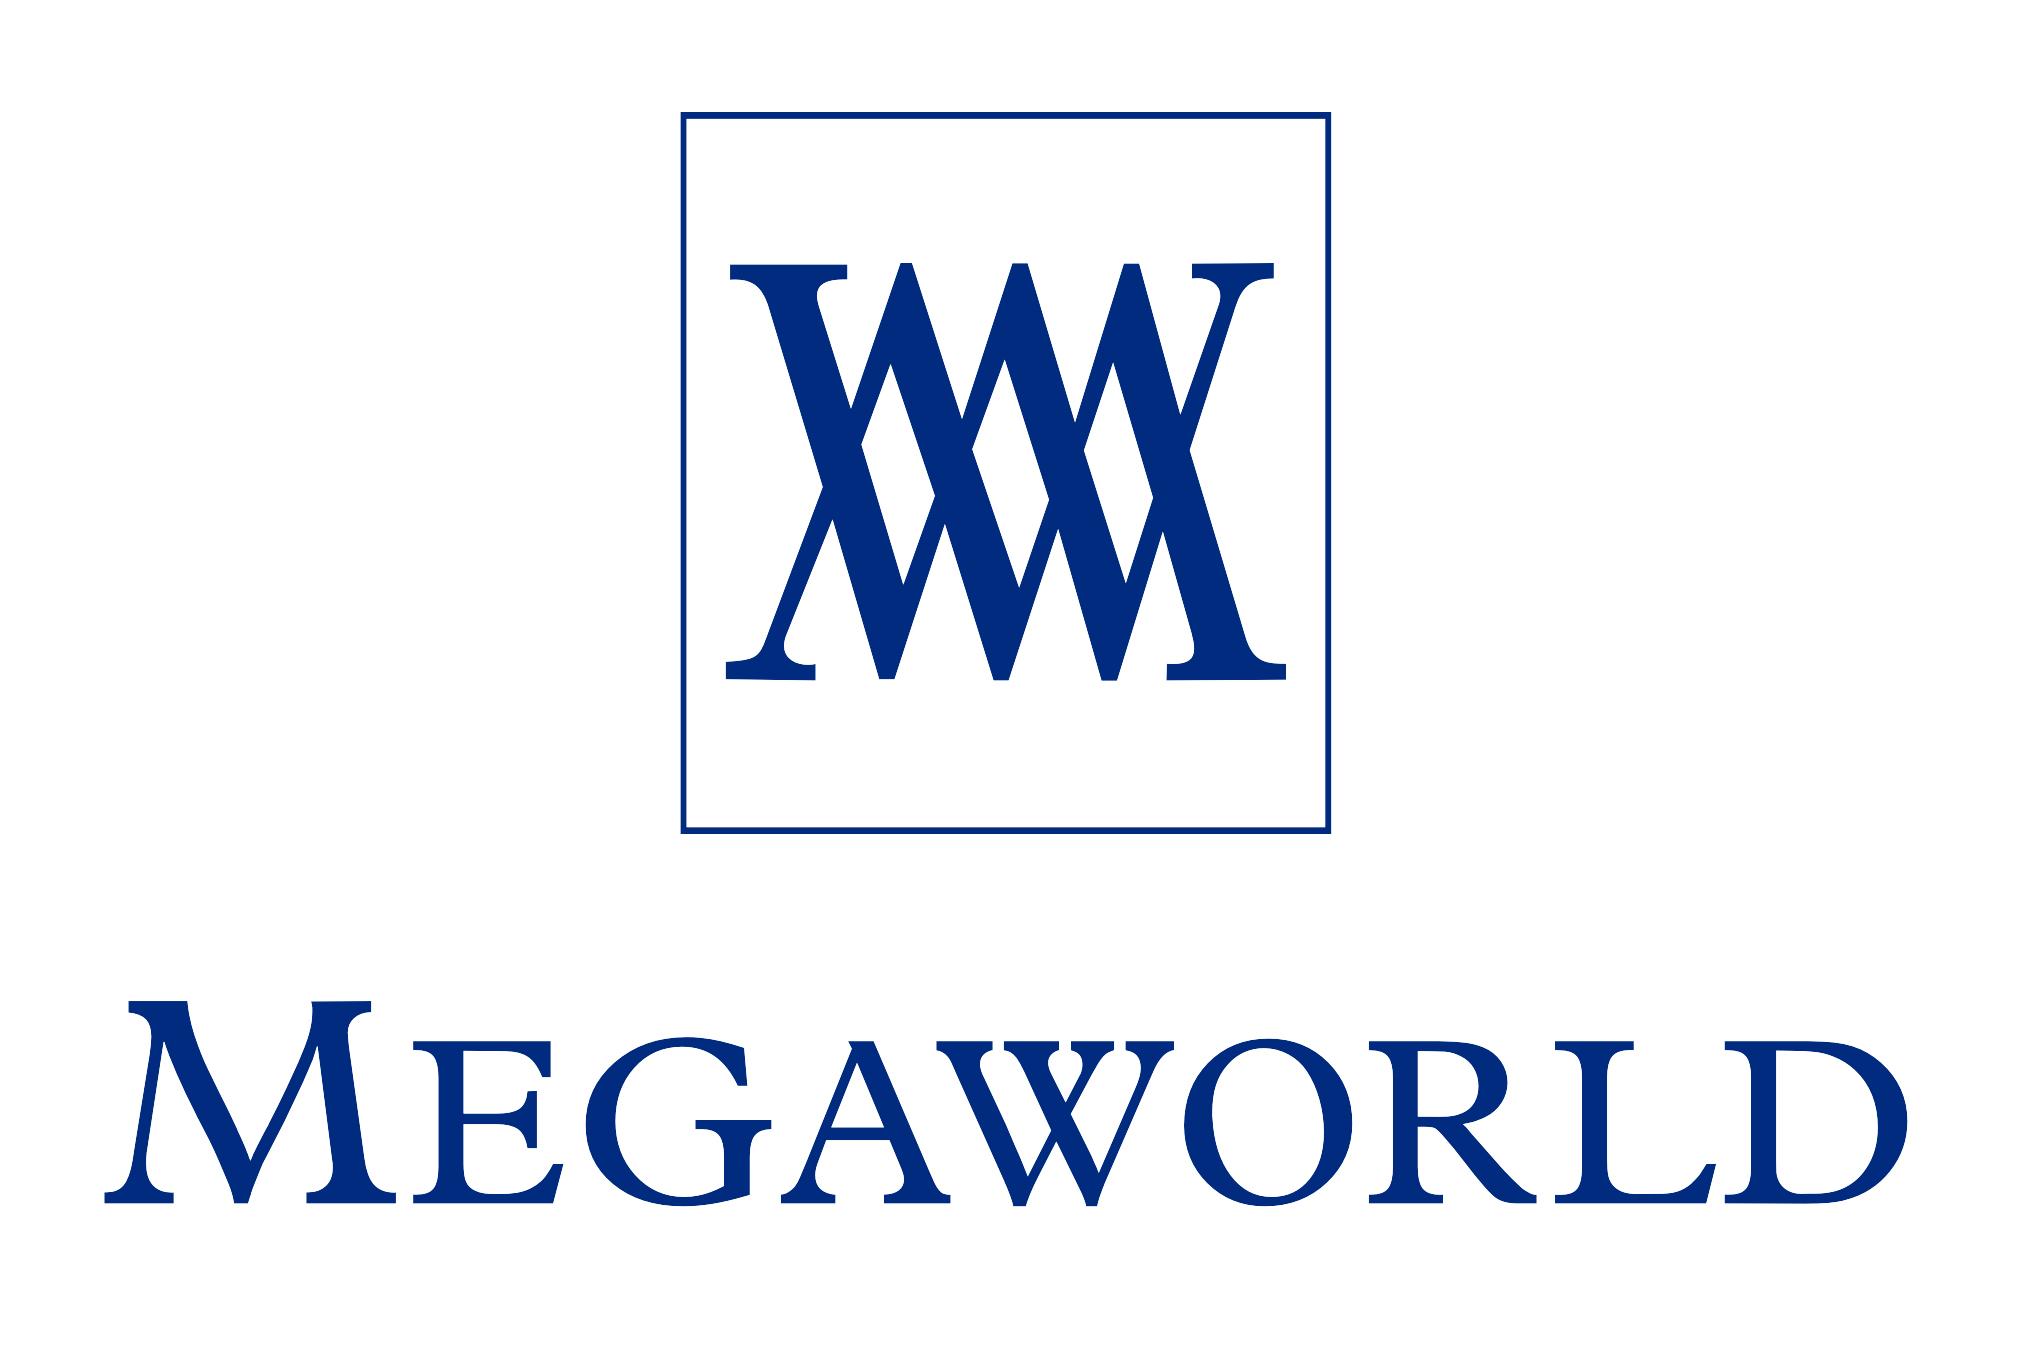 Megaworld Philippines logo